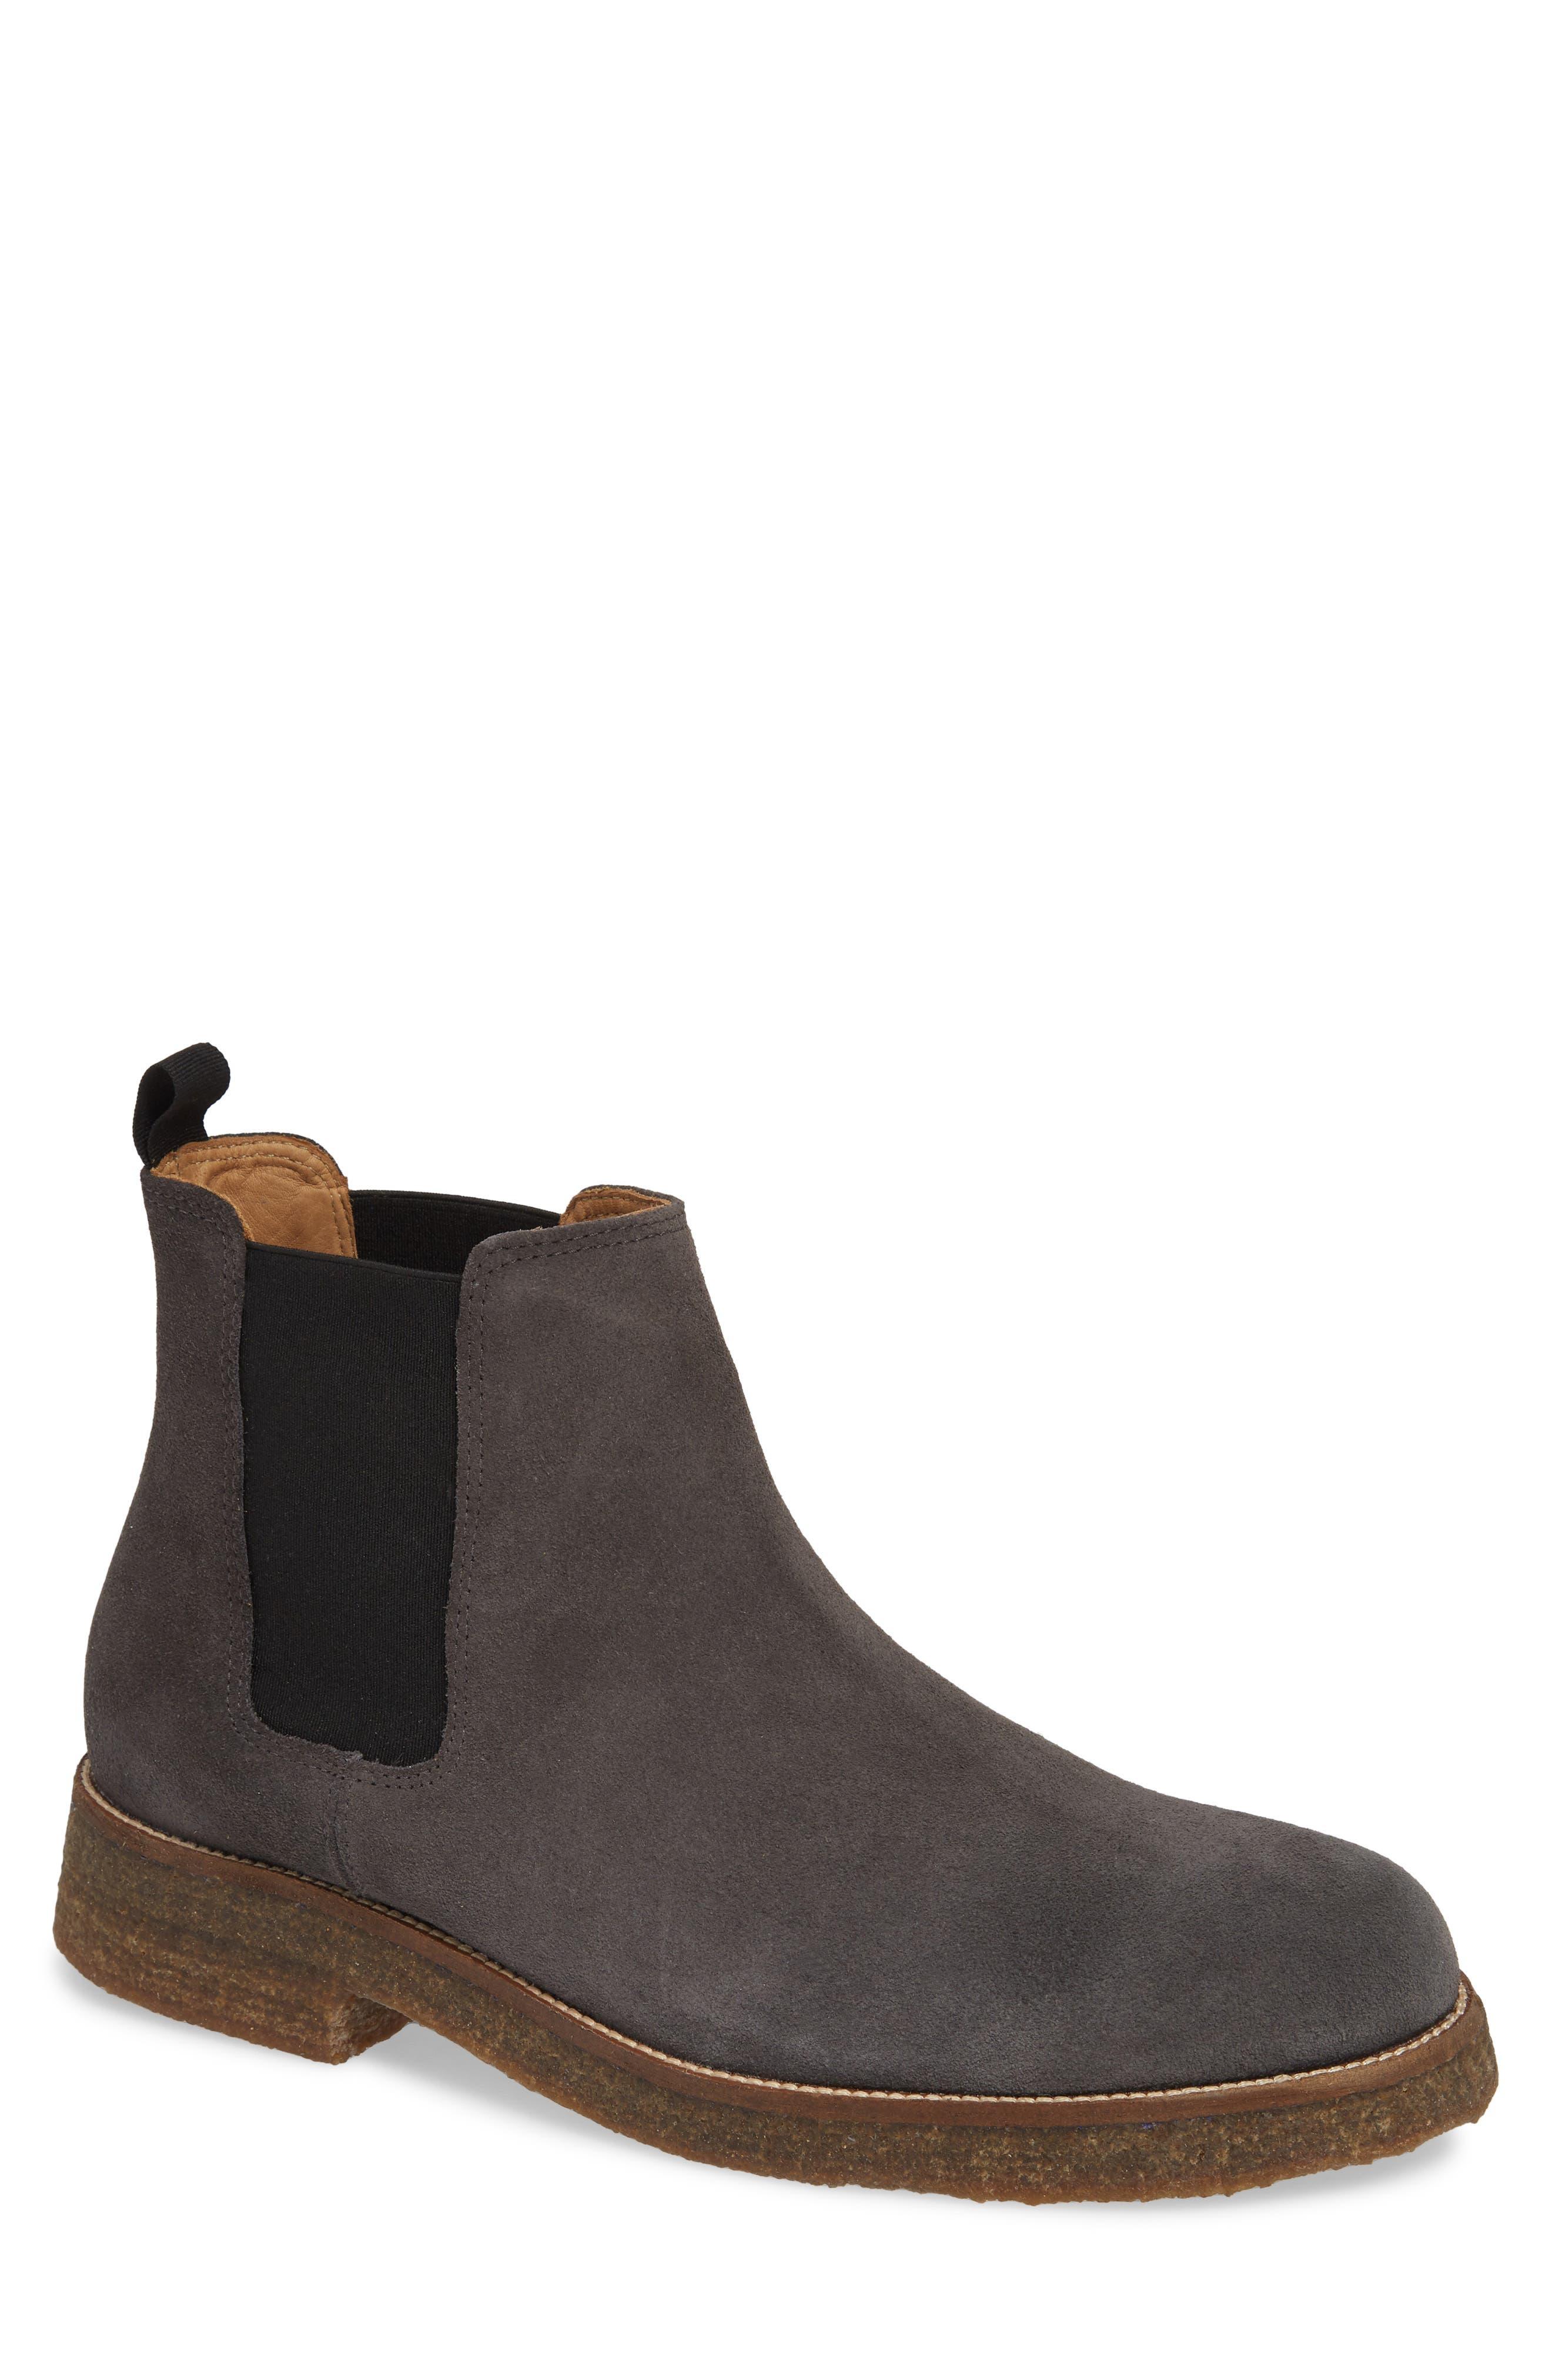 Hendren Chelsea Boot,                         Main,                         color, GREY SUEDE